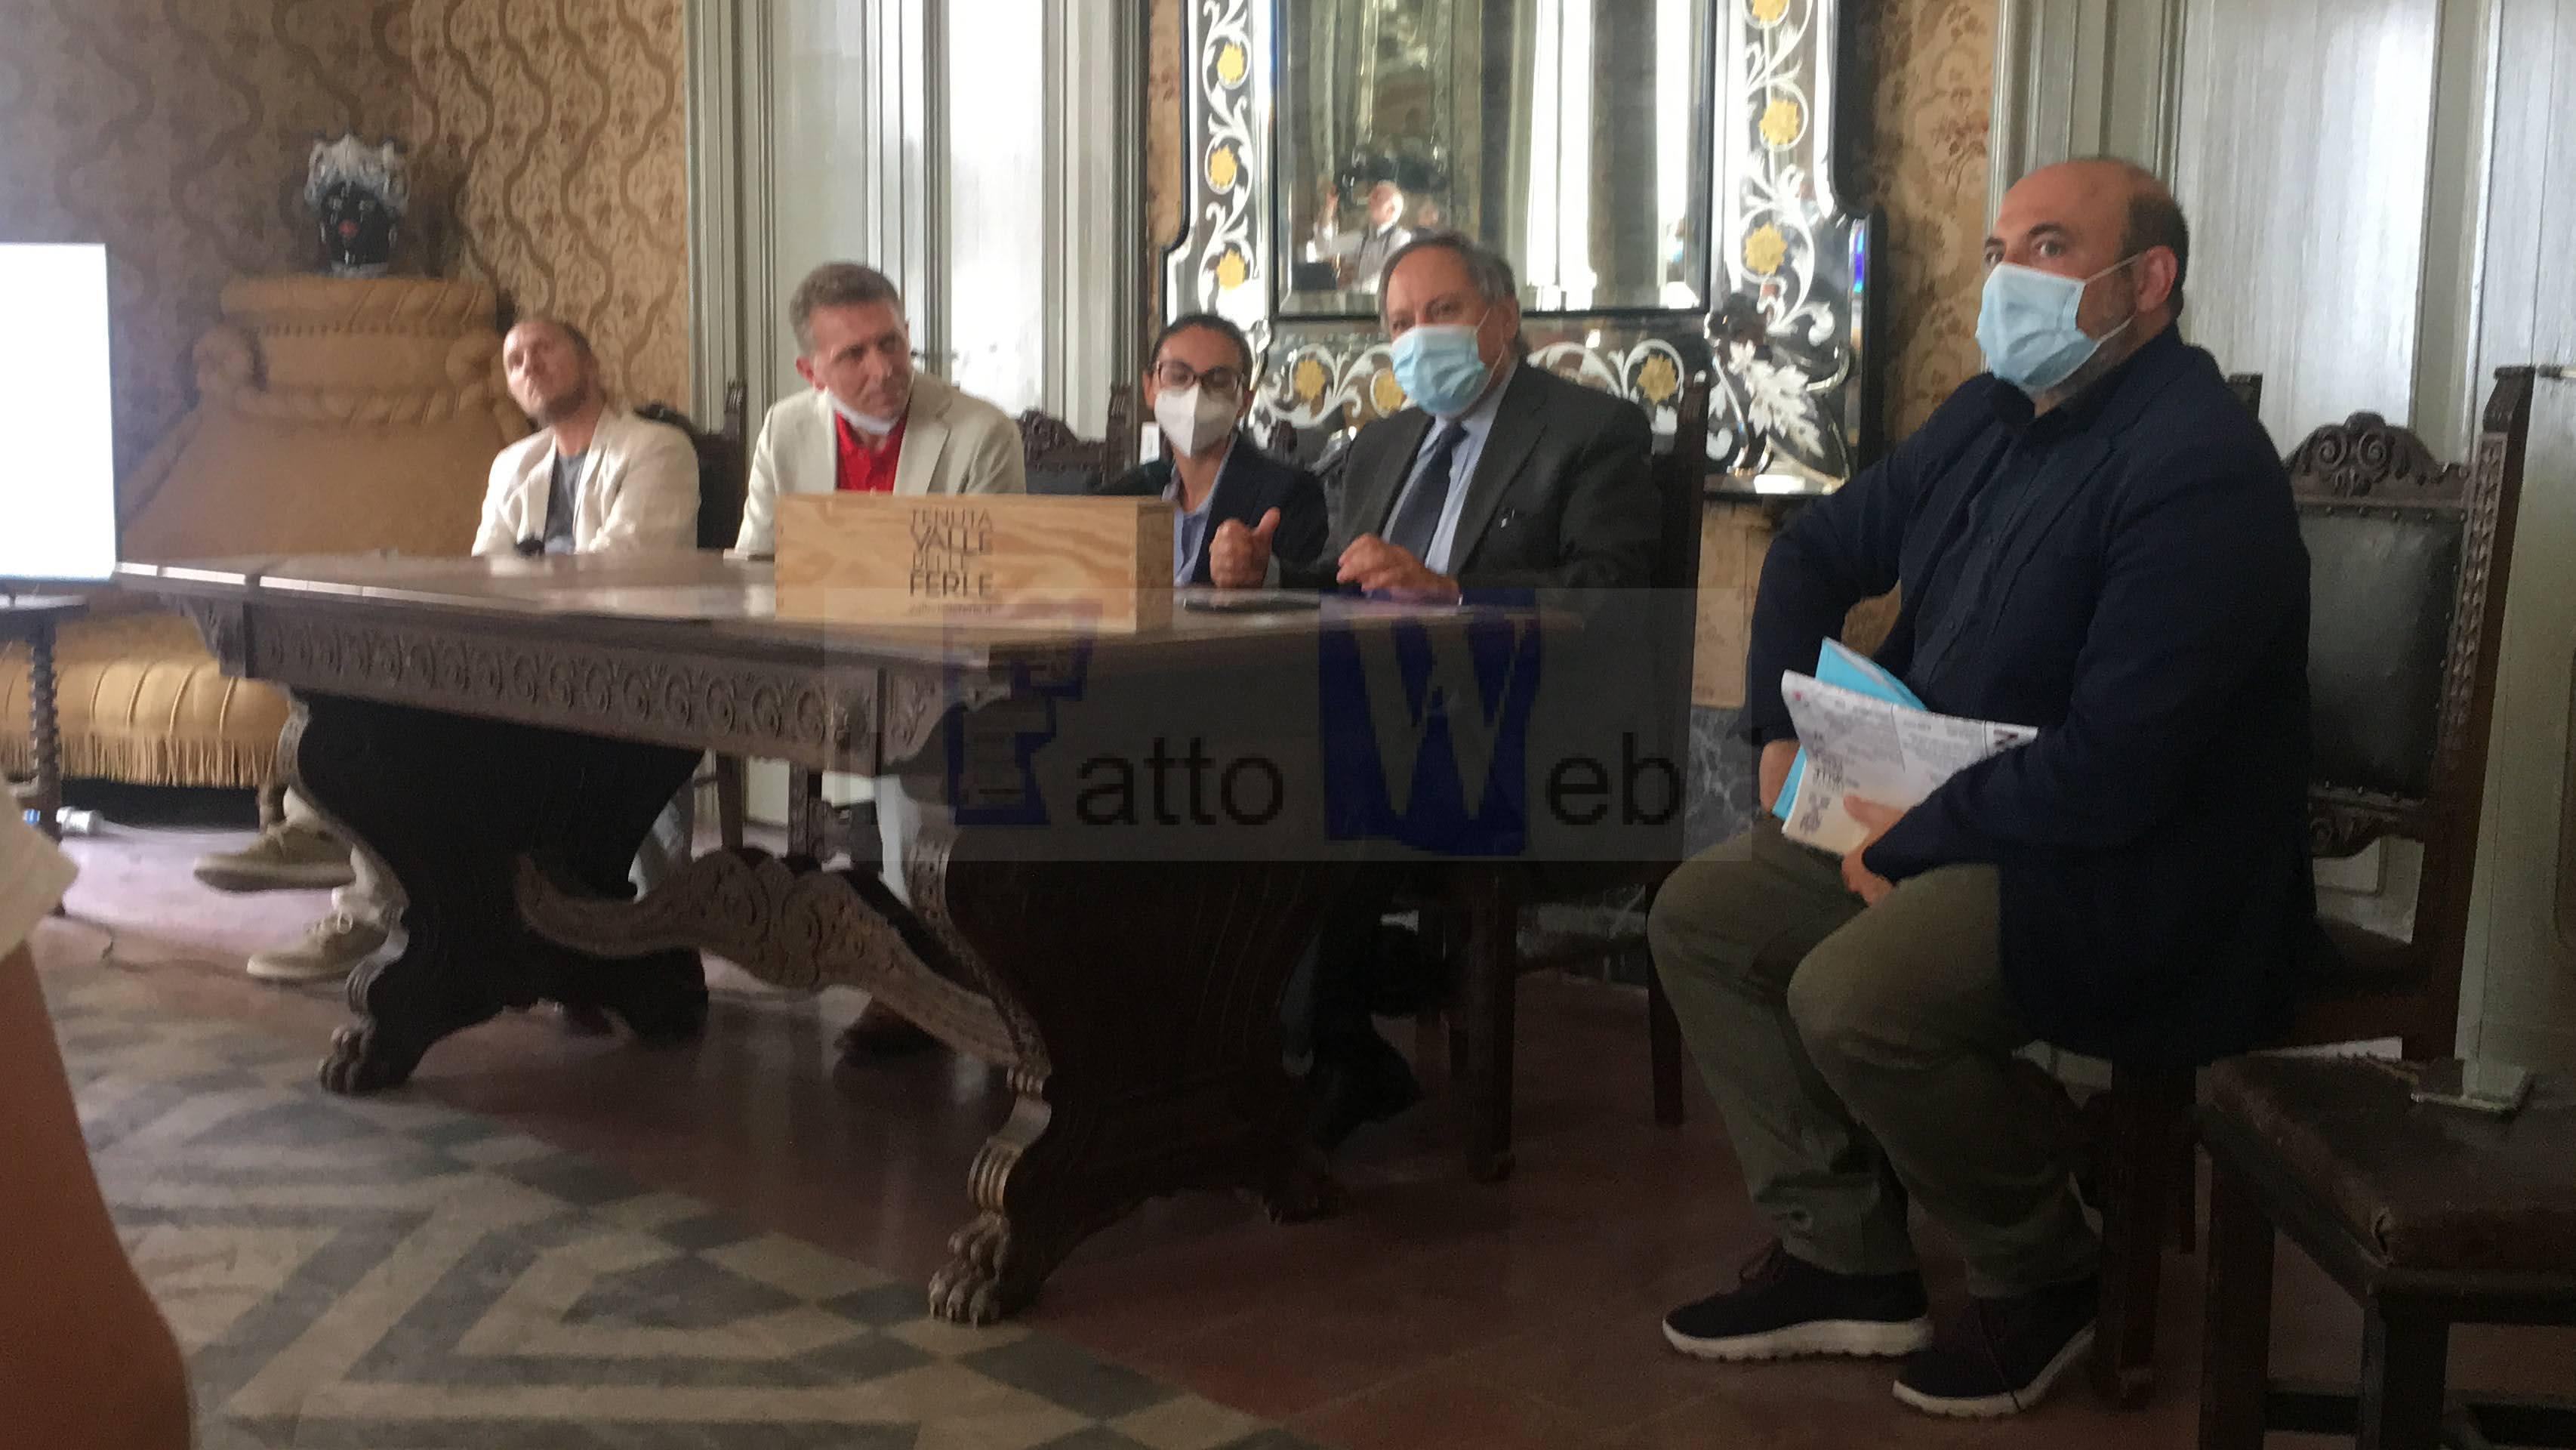 Domani nella tenuta Valle delle Ferle apre i battenti il Caltagirone Film Festival